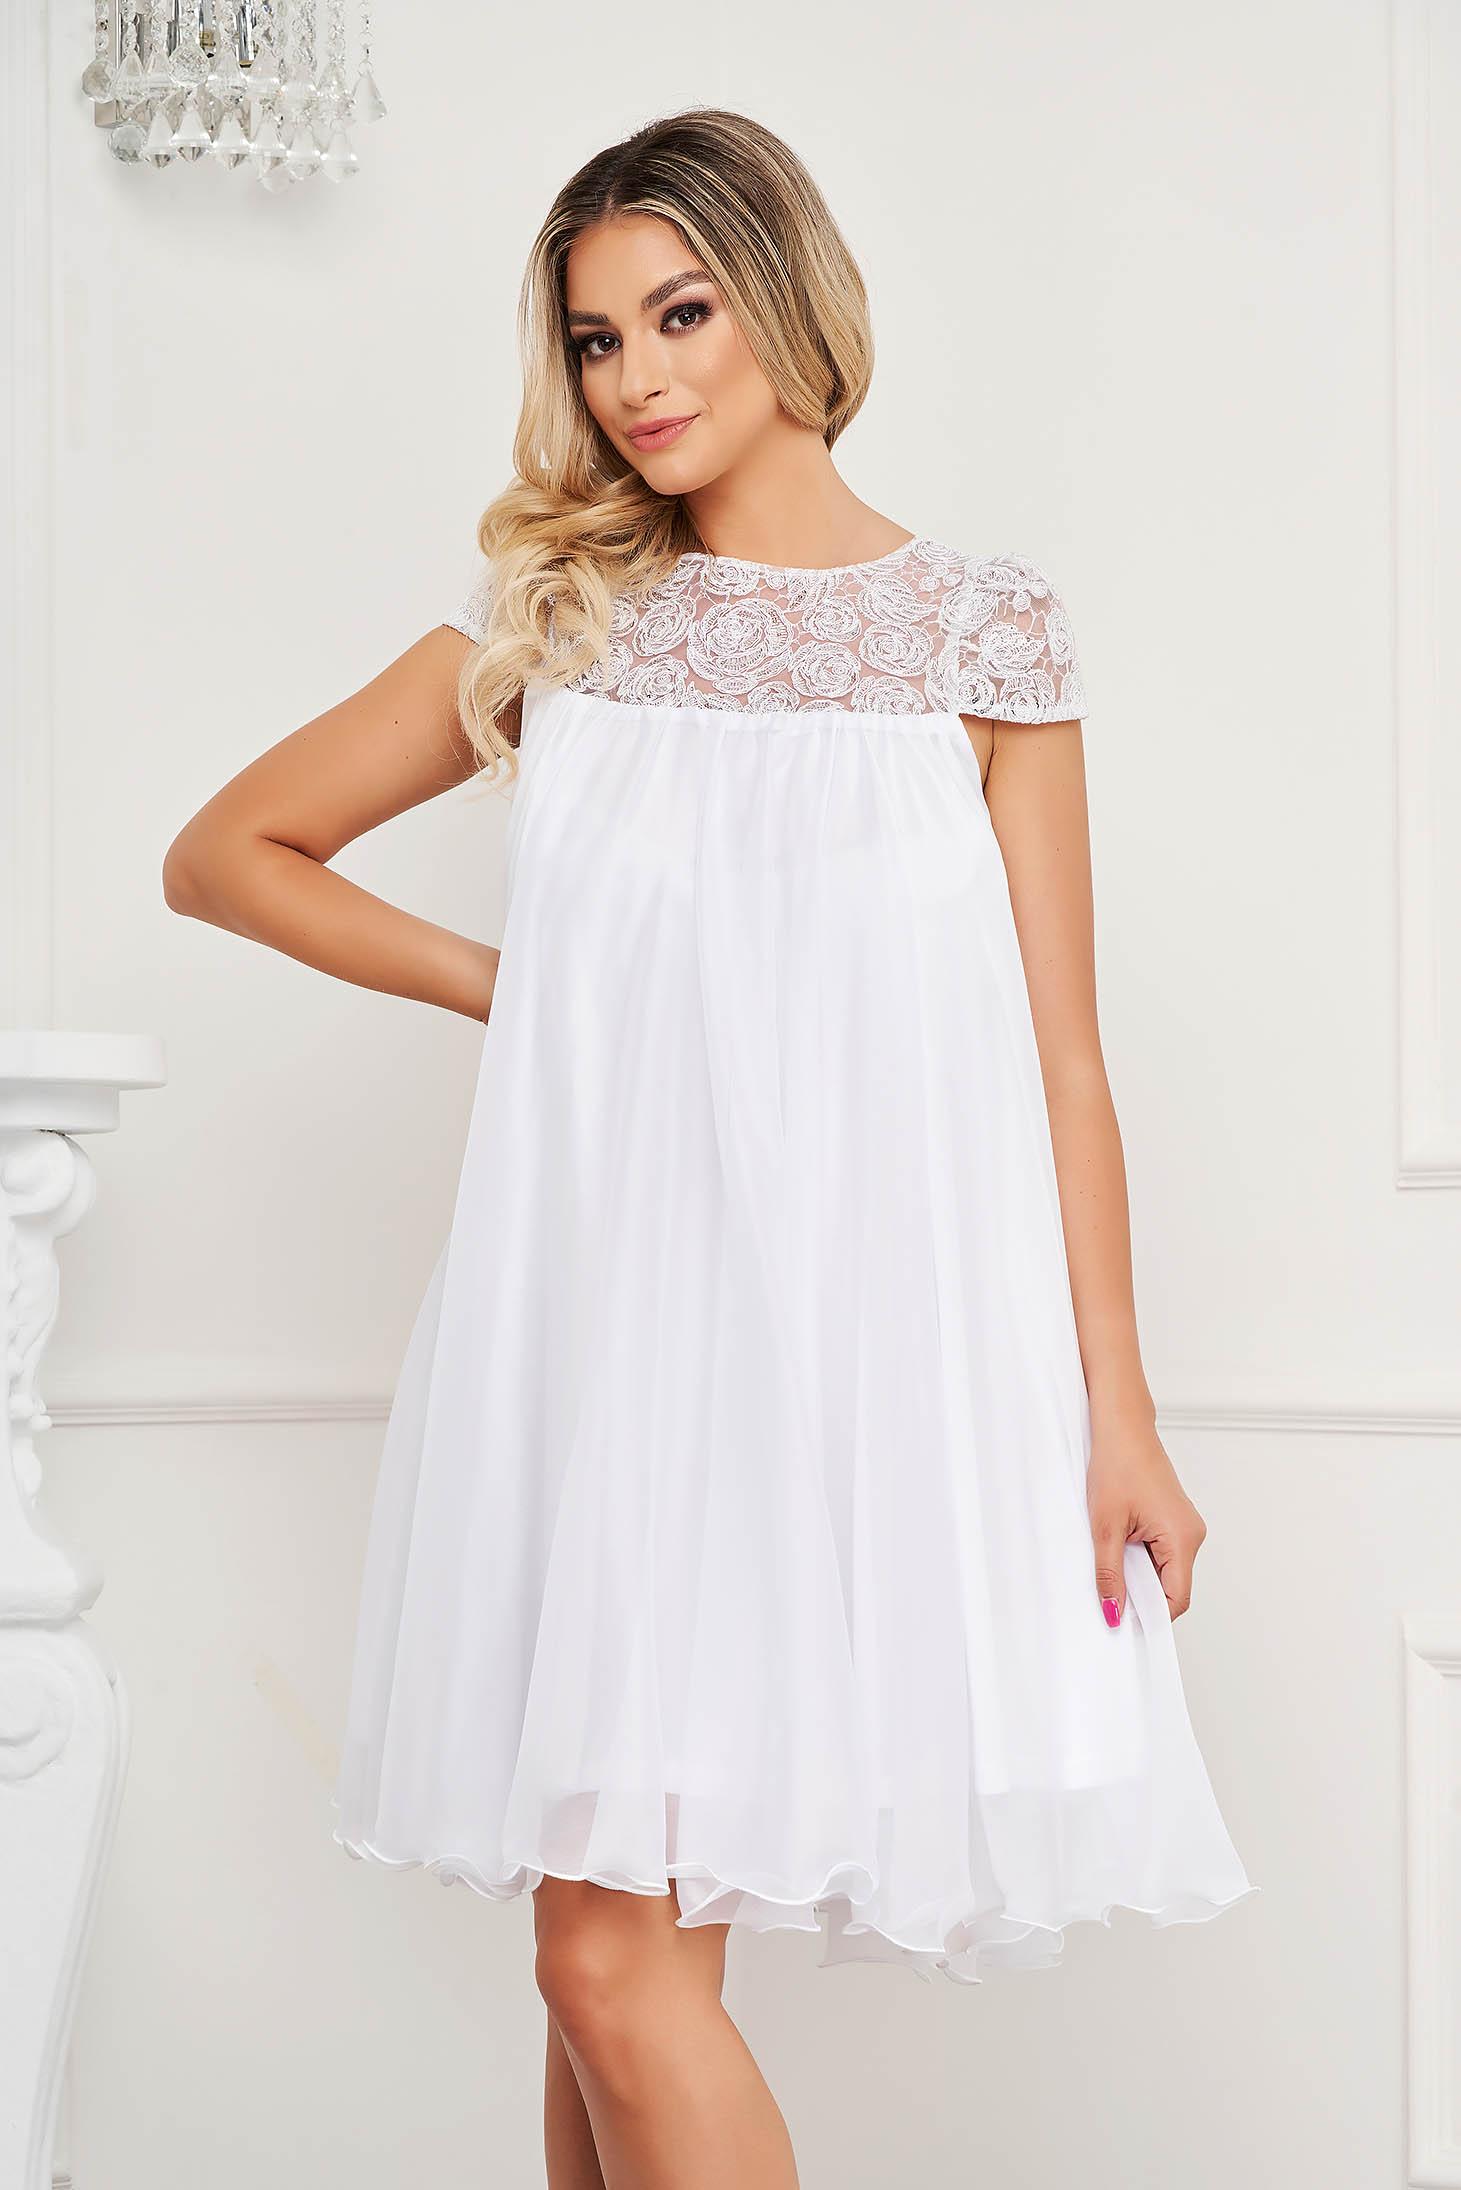 Alkalmi bő szabású rövid muszlin fehér ruha csipke díszítéssel